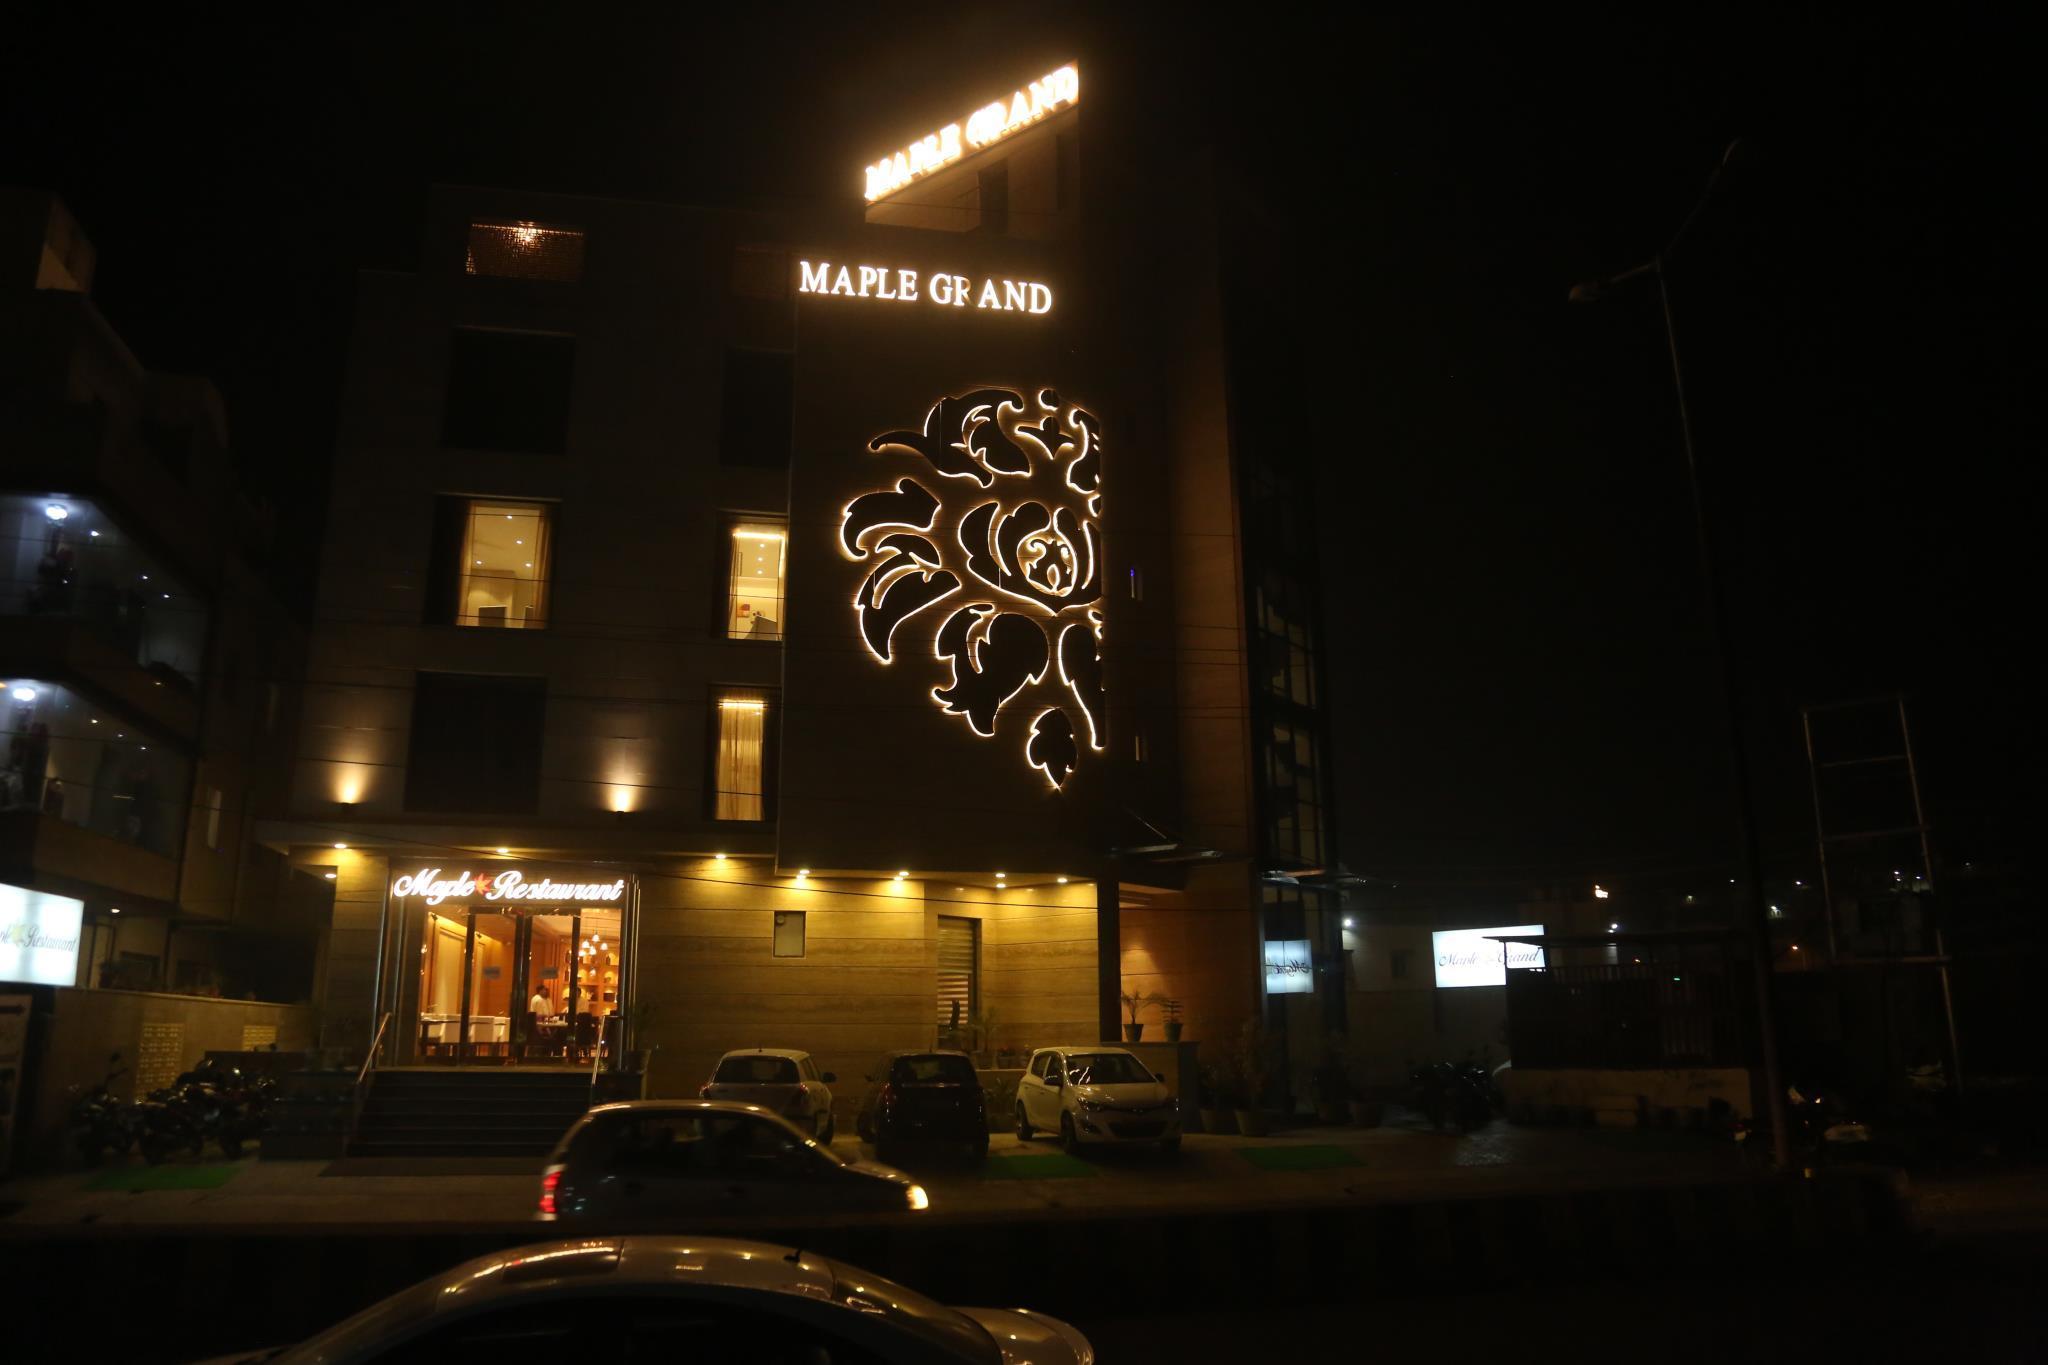 Hotel Maple Grand